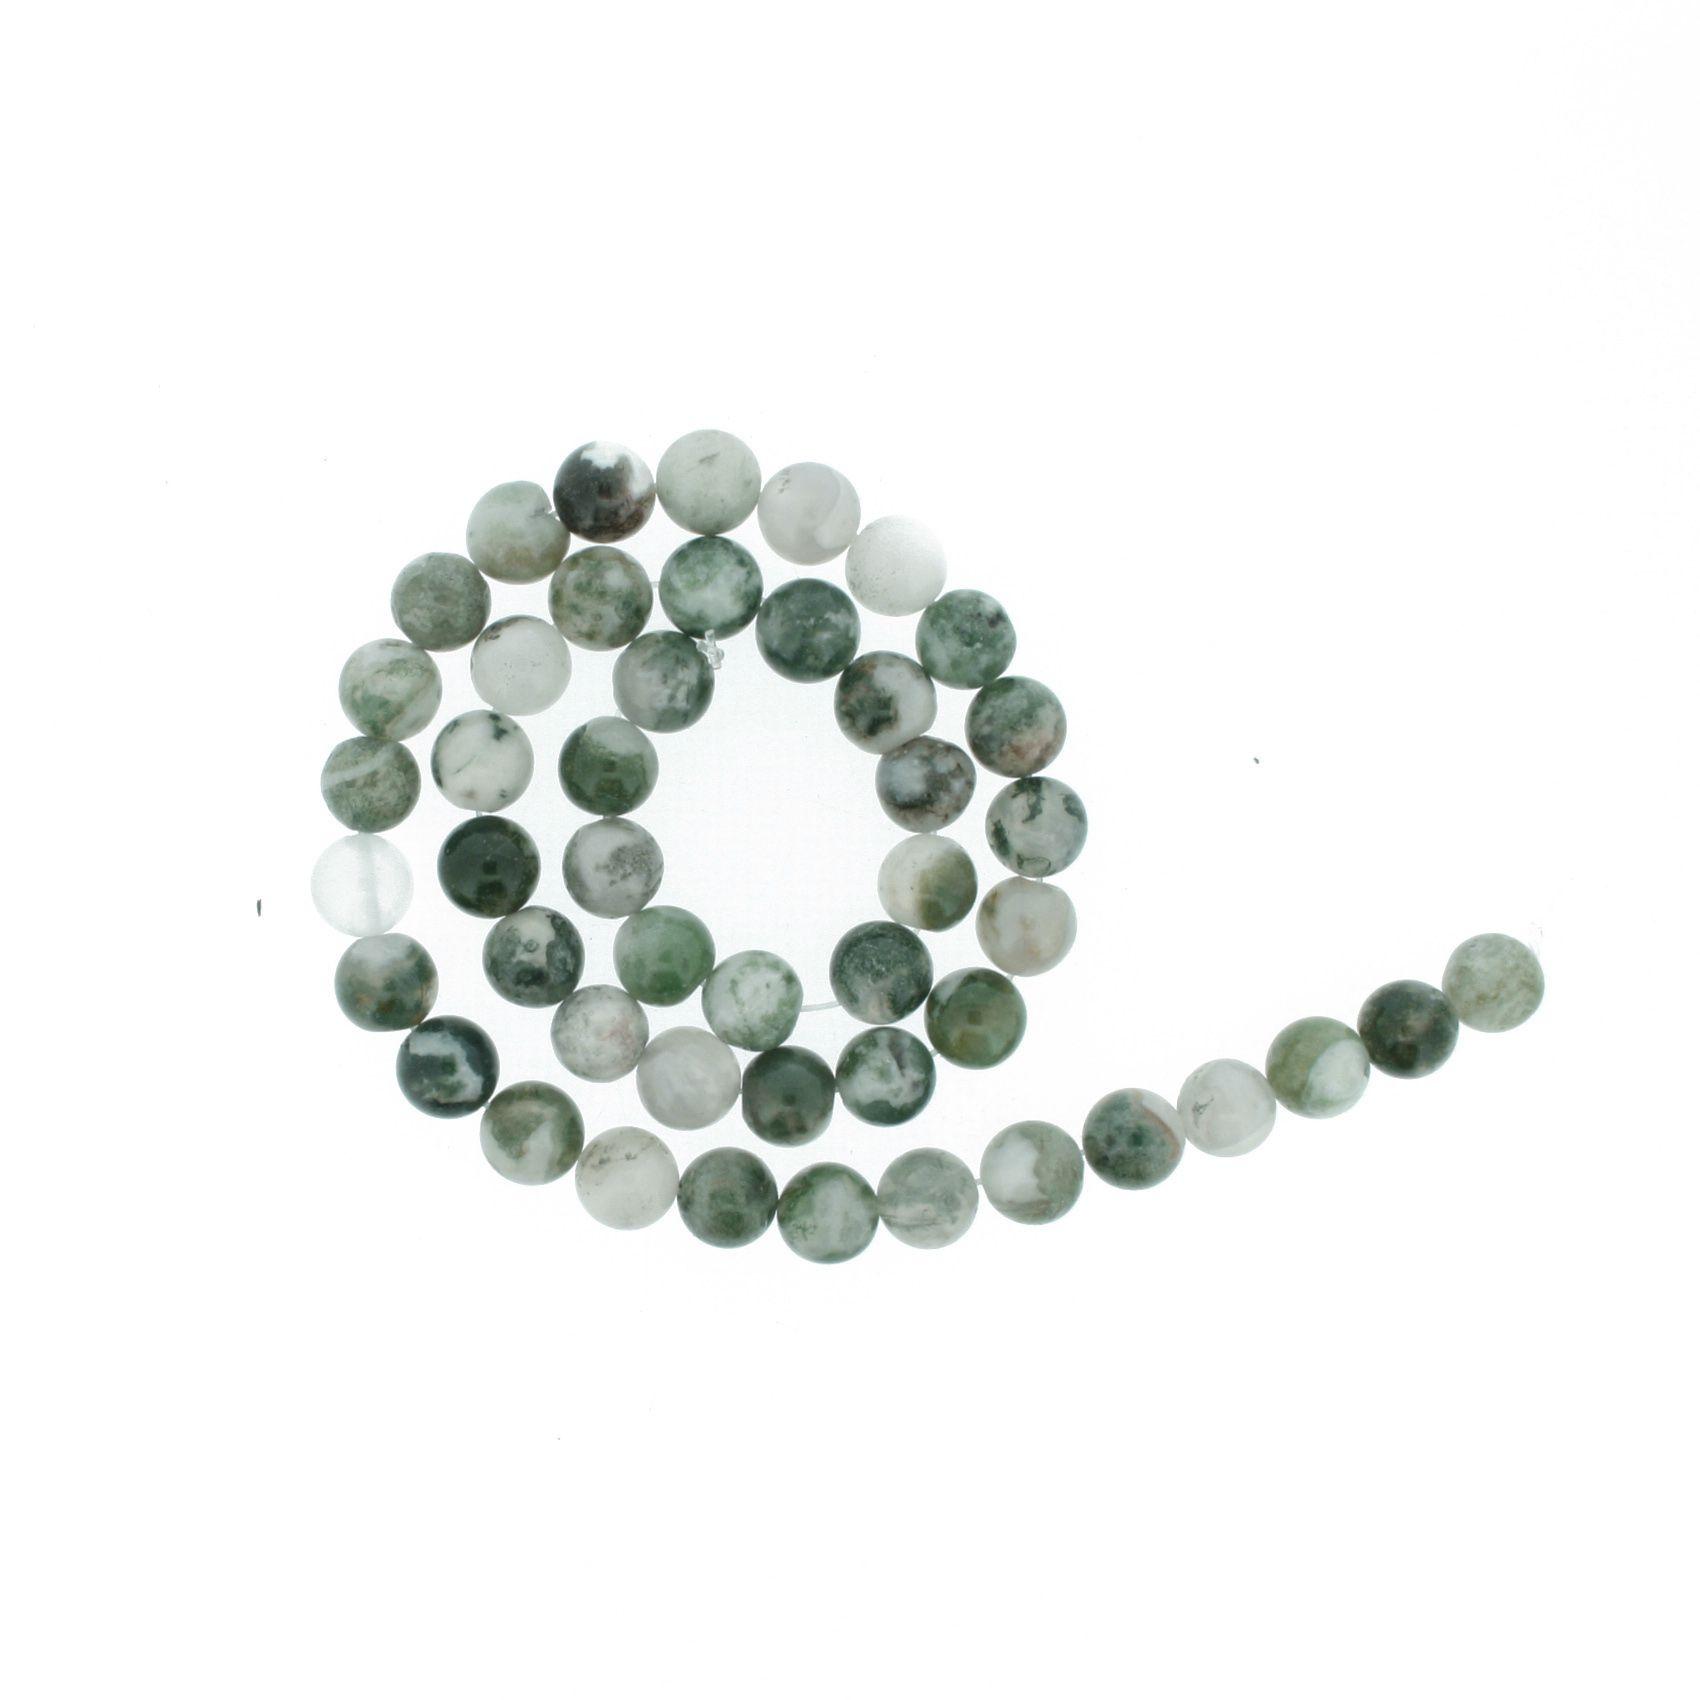 Fio de Pedra - Ágata Musgo - 8mm  - Stéphanie Bijoux® - Peças para Bijuterias e Artesanato